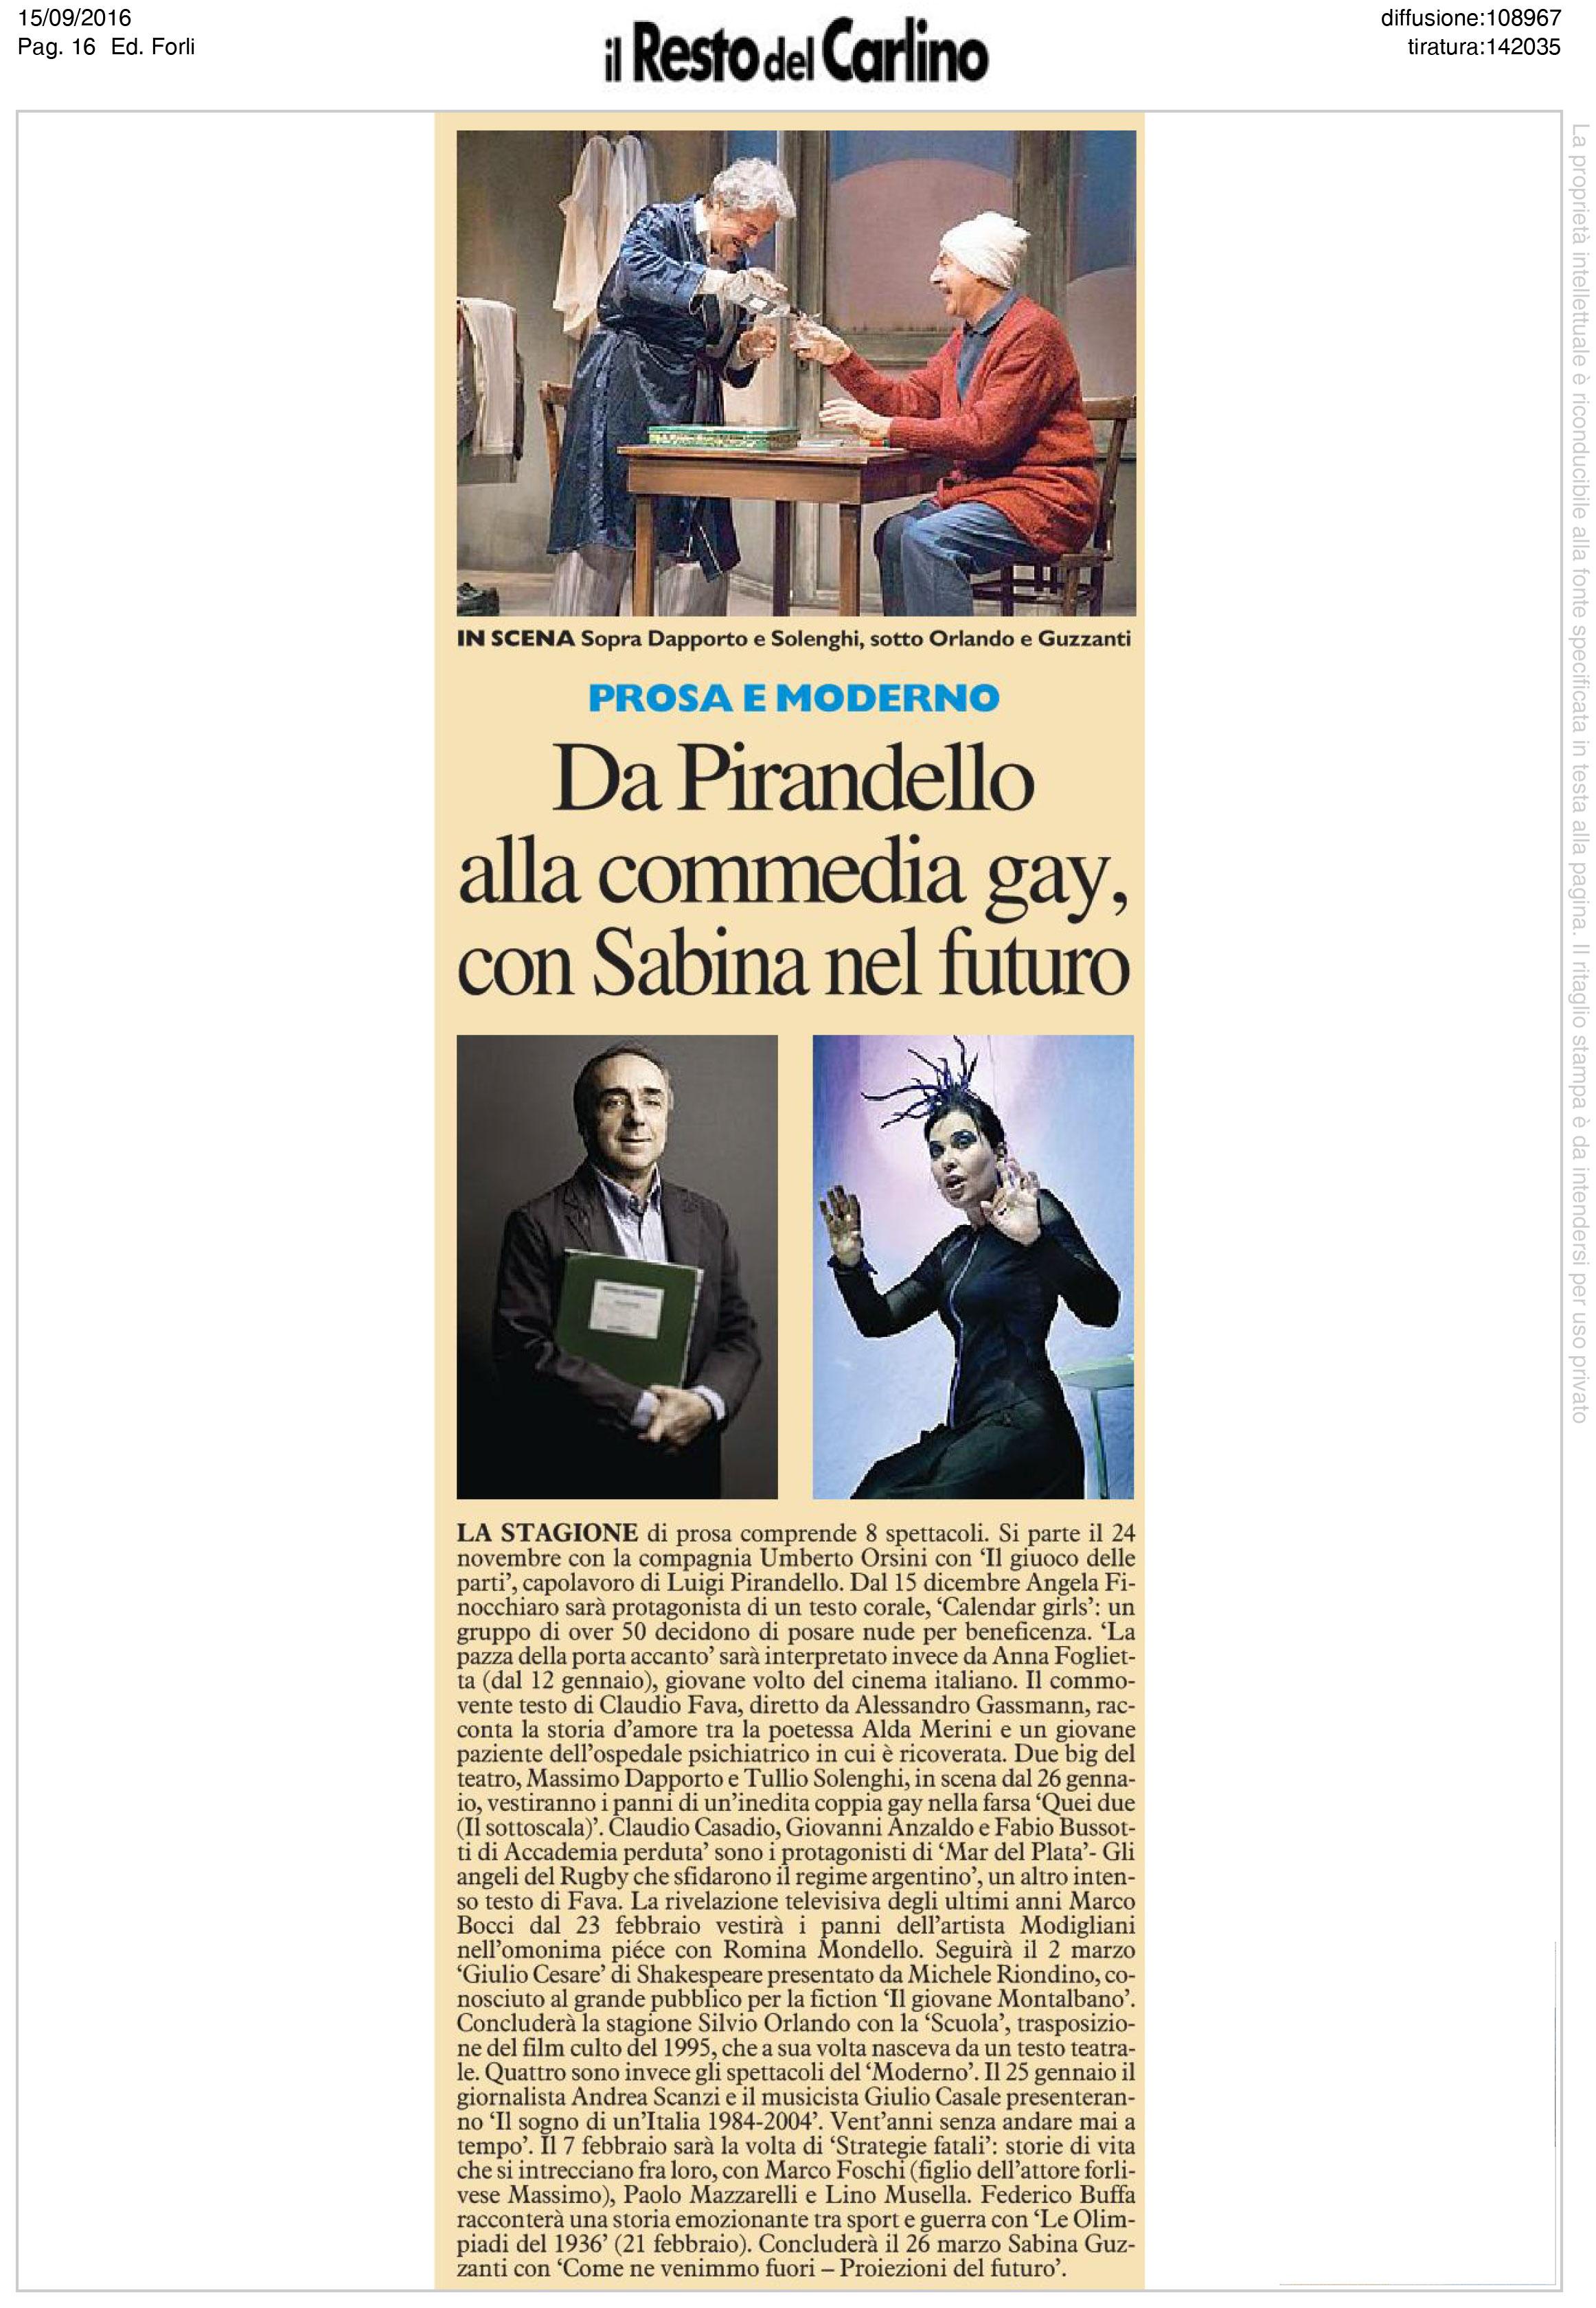 20160915_da-pirandello-alla-commedia-gaycon-sabrina-nel-futuro_il-resto-del-carlino-ed